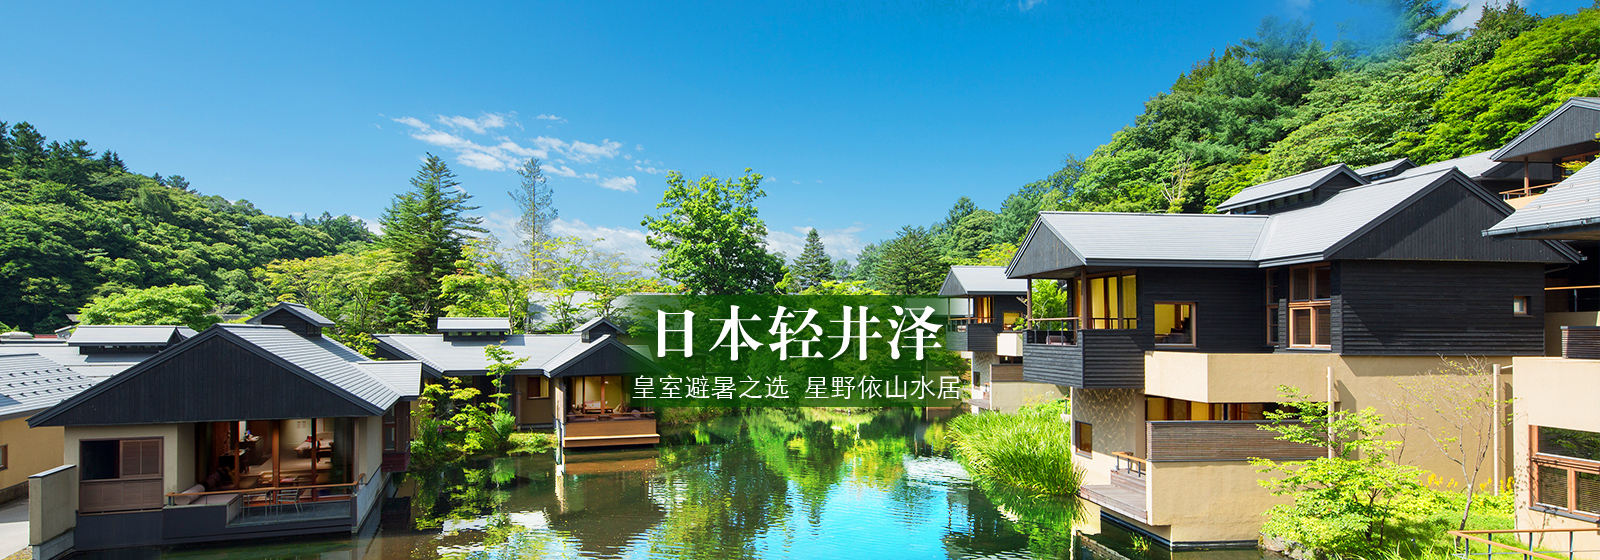 日本轻井泽_皇室避暑之选_星野依山水居